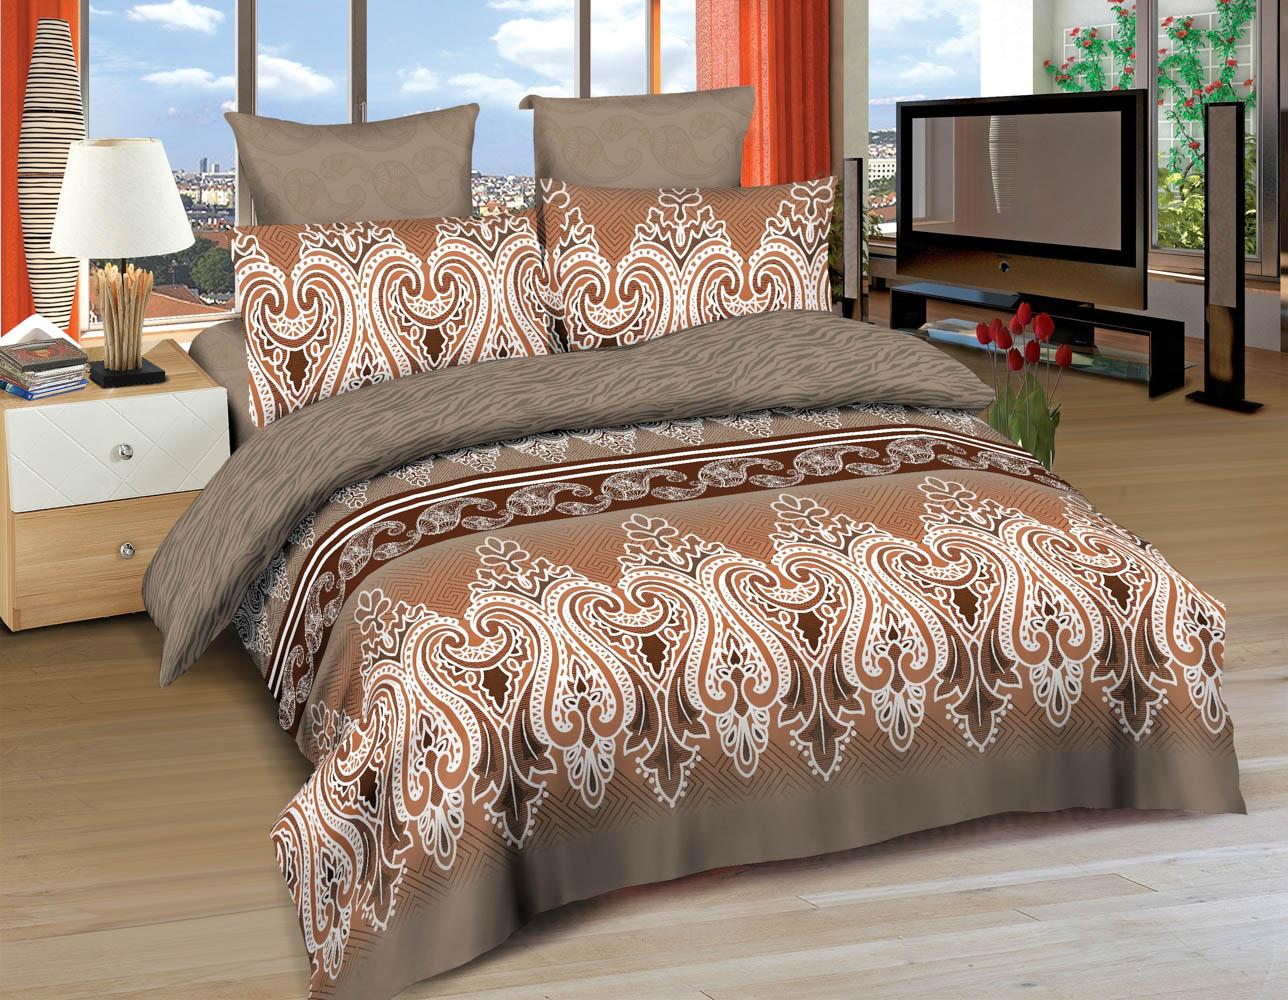 Постельное белье Amore Mio Постельное белье Tabriz (2 сп) постельное белье amore mio постельное белье glasgow 2 сп евро